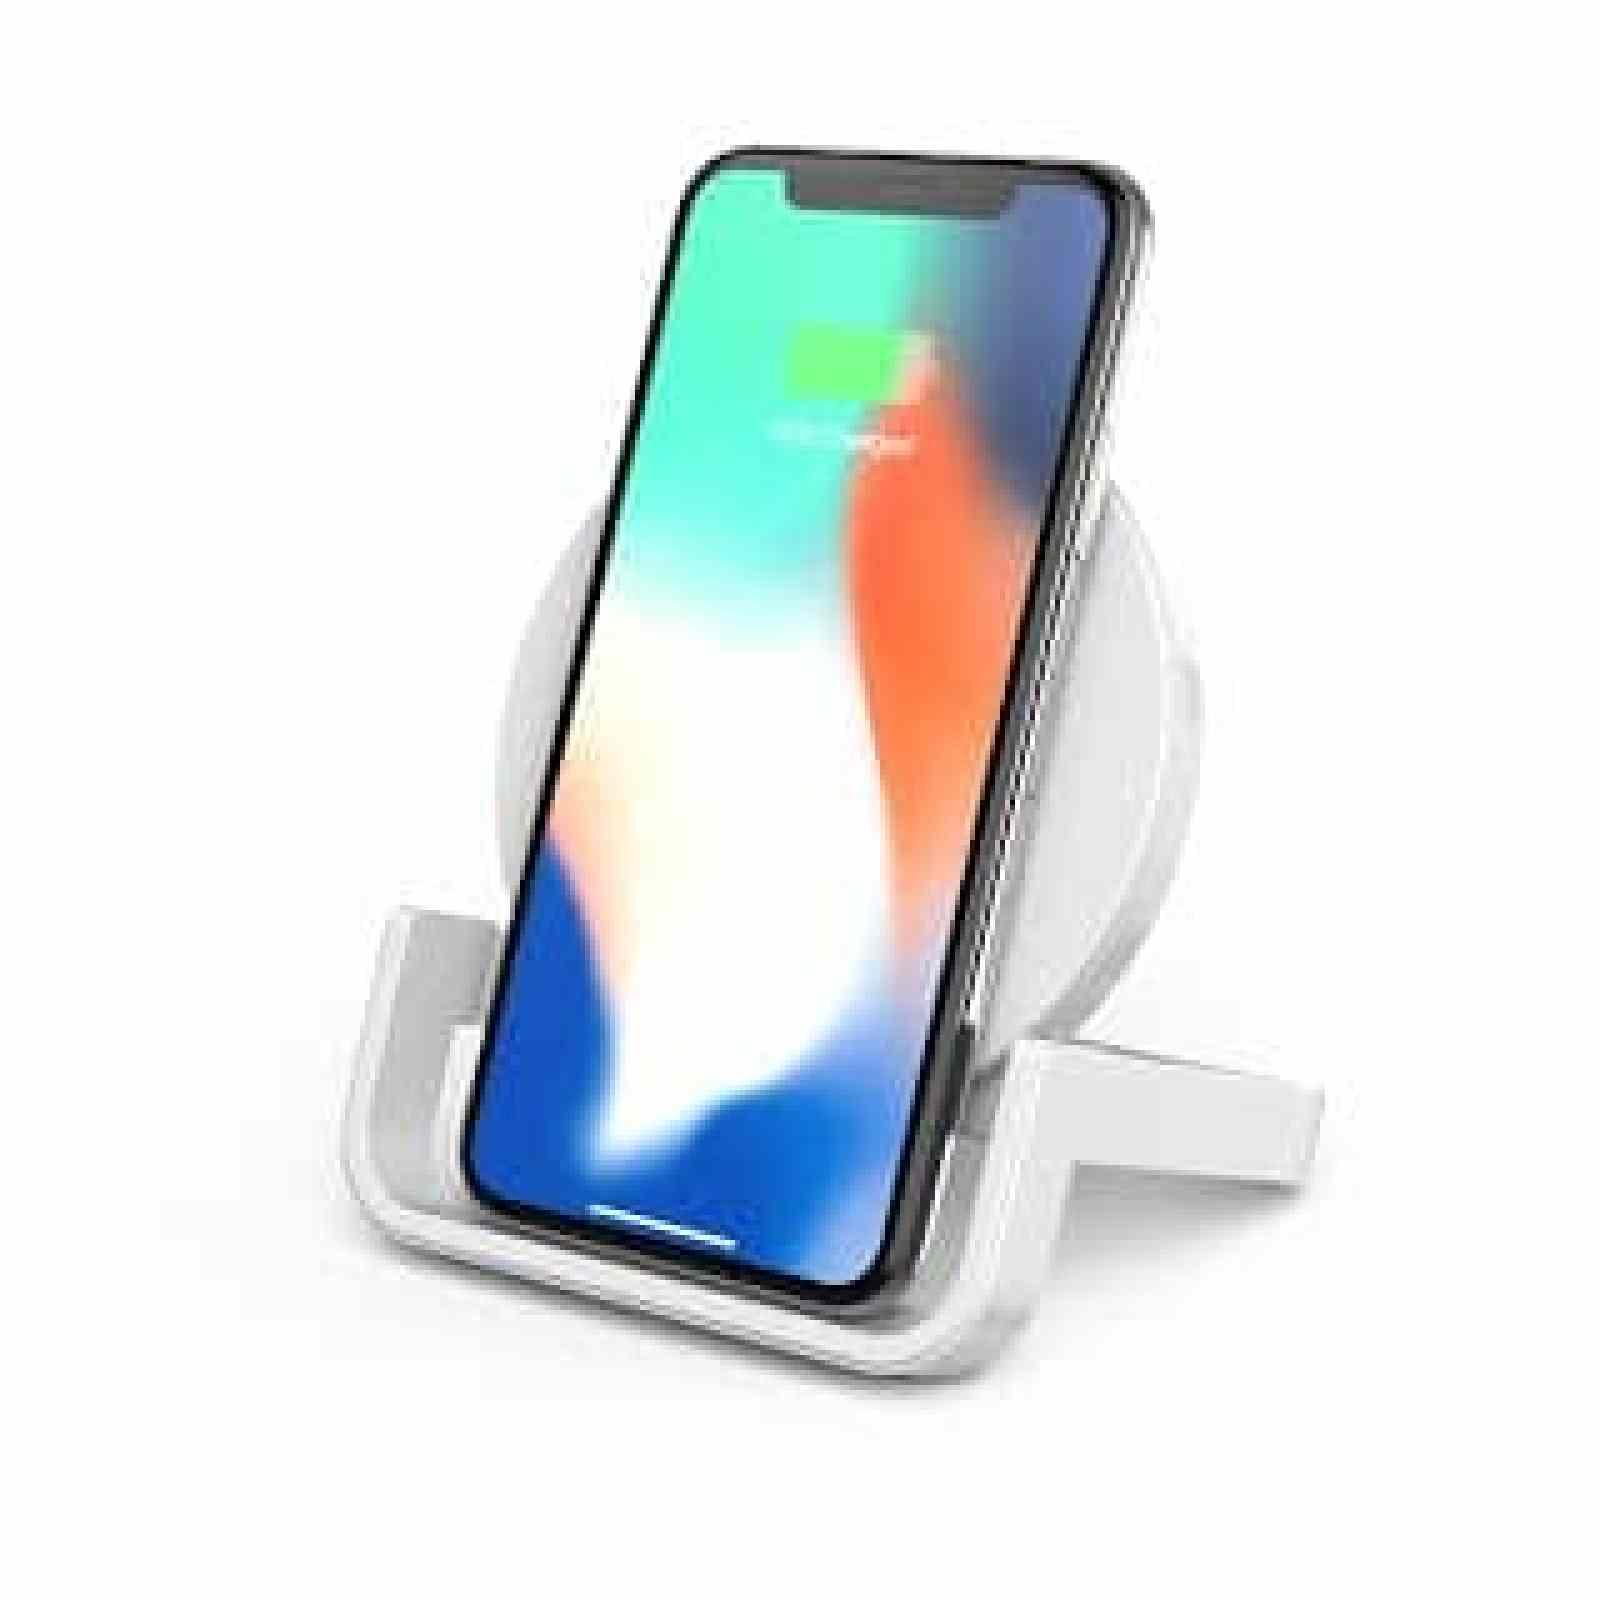 - F7U052 Charging Stand iPhone 2 2 - Belkin นำเสนอแท่นชาร์จมาตรฐาน Qi™ 2 รุ่นใหม่สู่ตลาดเมืองไทย หลังเปิดตัวอย่างยิ่งใหญ่ในงาน CES 2018 ที่ผ่านมา  พันธมิตรอันดับหนึ่งด้านพลังงานสำหรับสมาร์ทโฟนของงาน CES 2018  พร้อมรุกตลาดแท่นชาร์จเกรดพรีเมียมในเมืองไทย